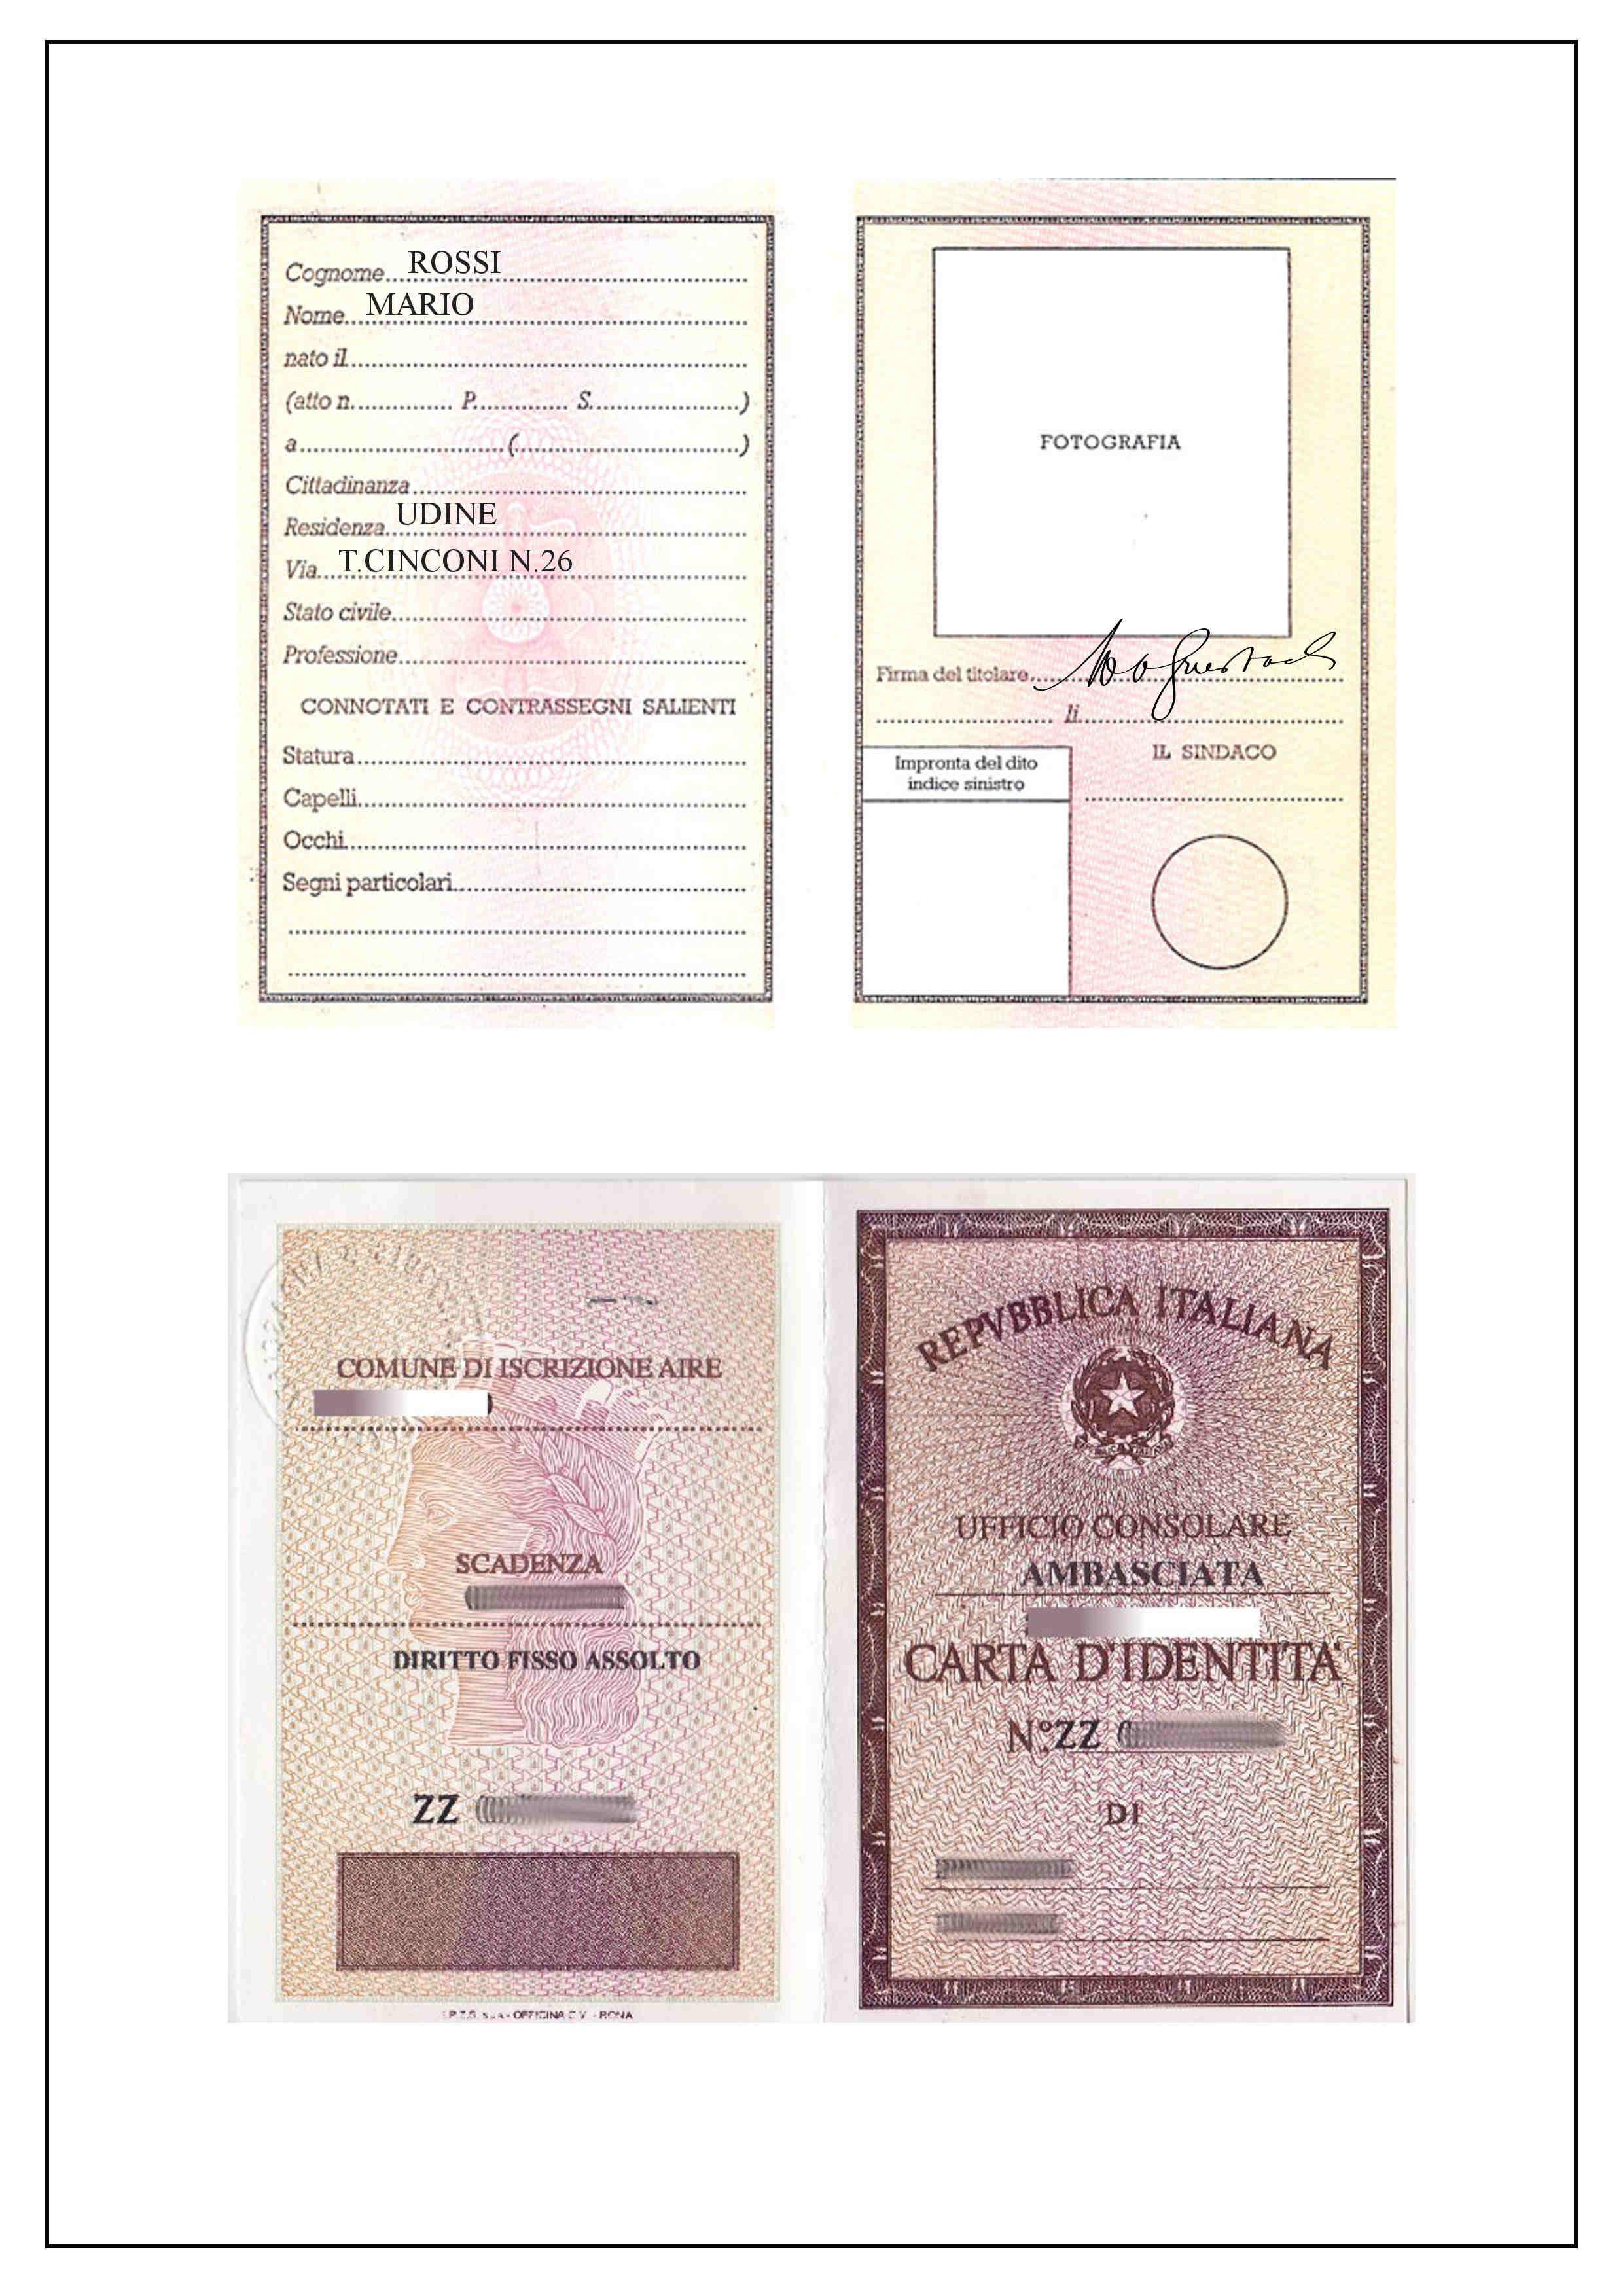 Documento d'identità per 61577